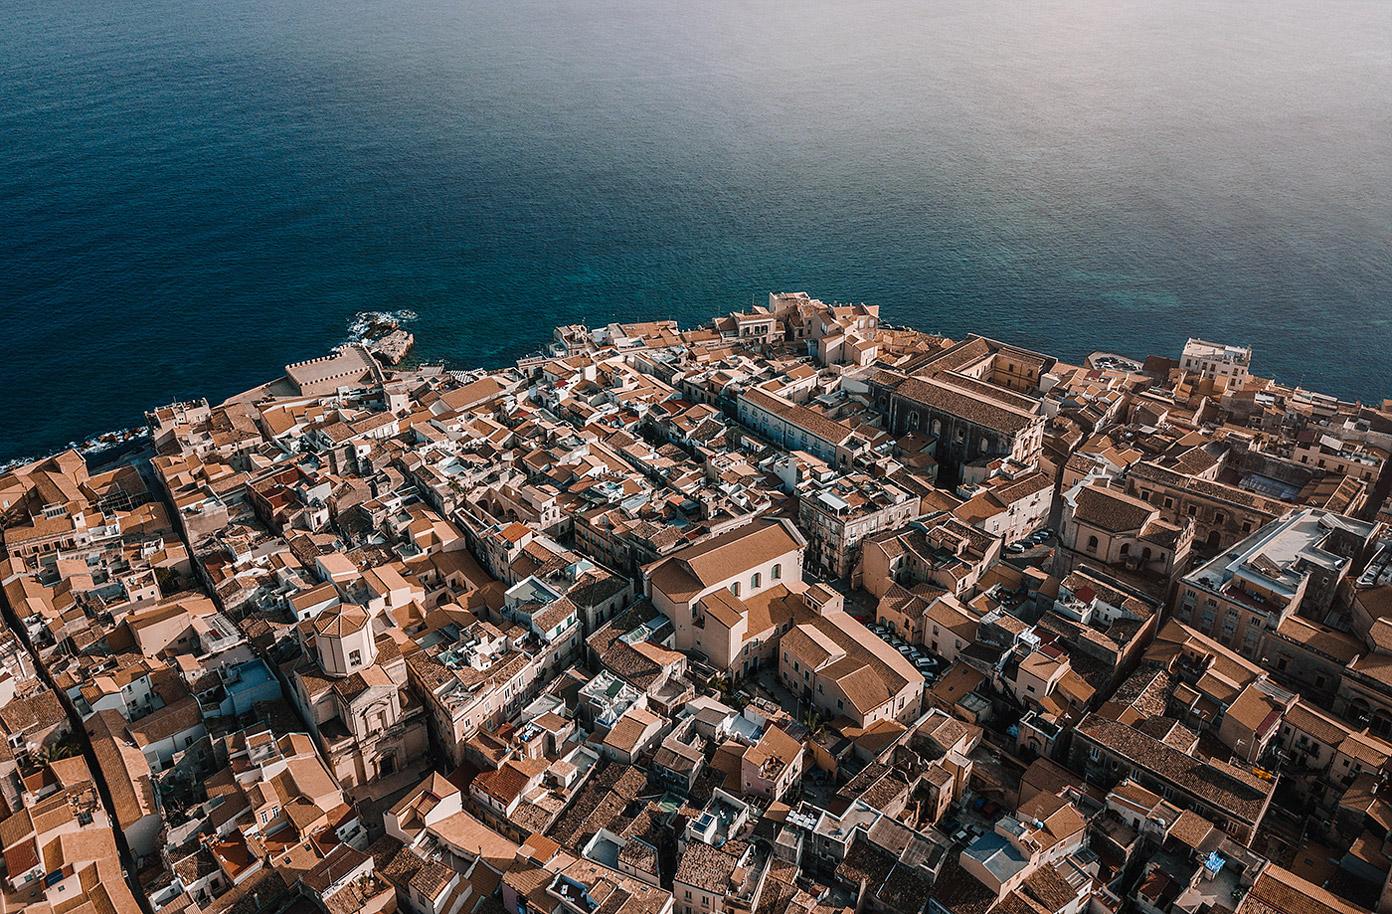 Sicily photography by Dimitar Karanikolov.